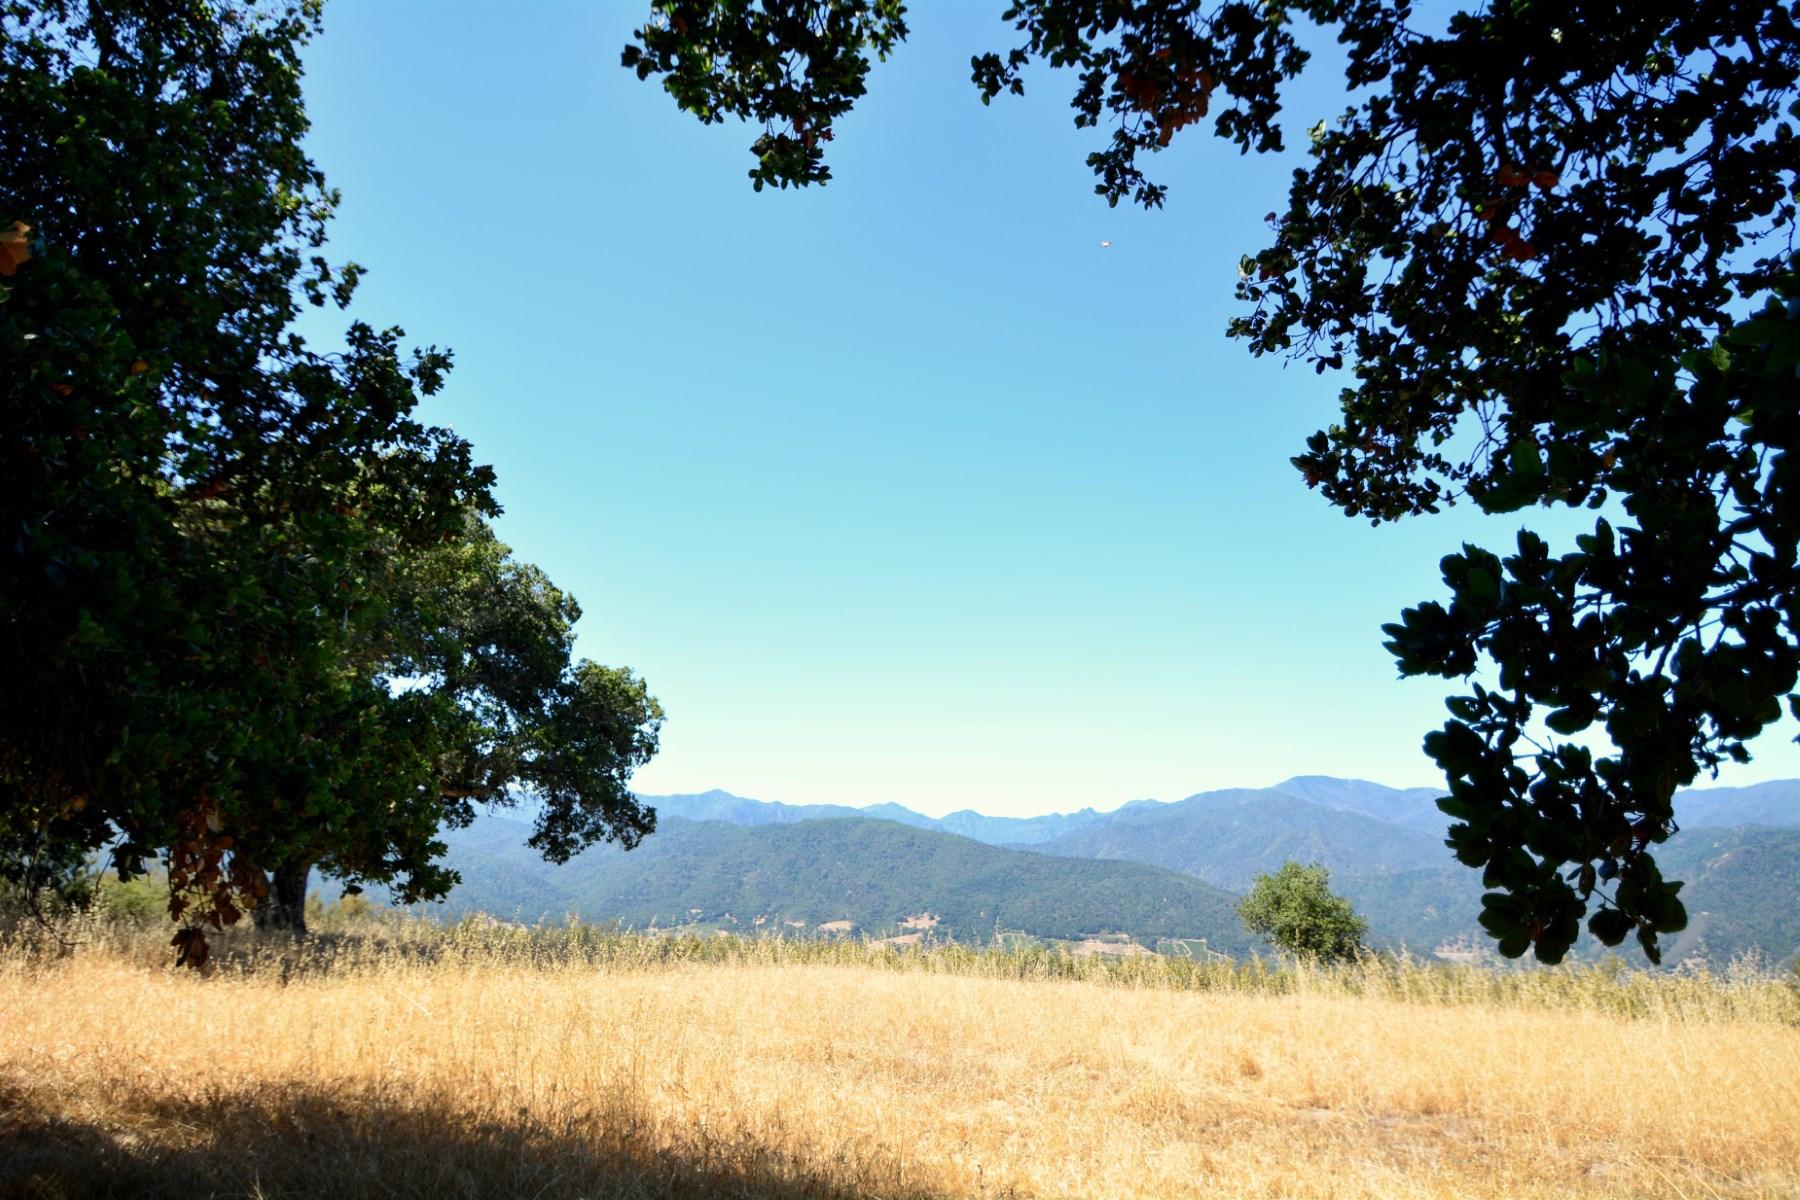 أراضي للـ Sale في On Top of Asoleado With Forever Views 50 Asoleado Drive, Carmel Valley, California, 93924 United States